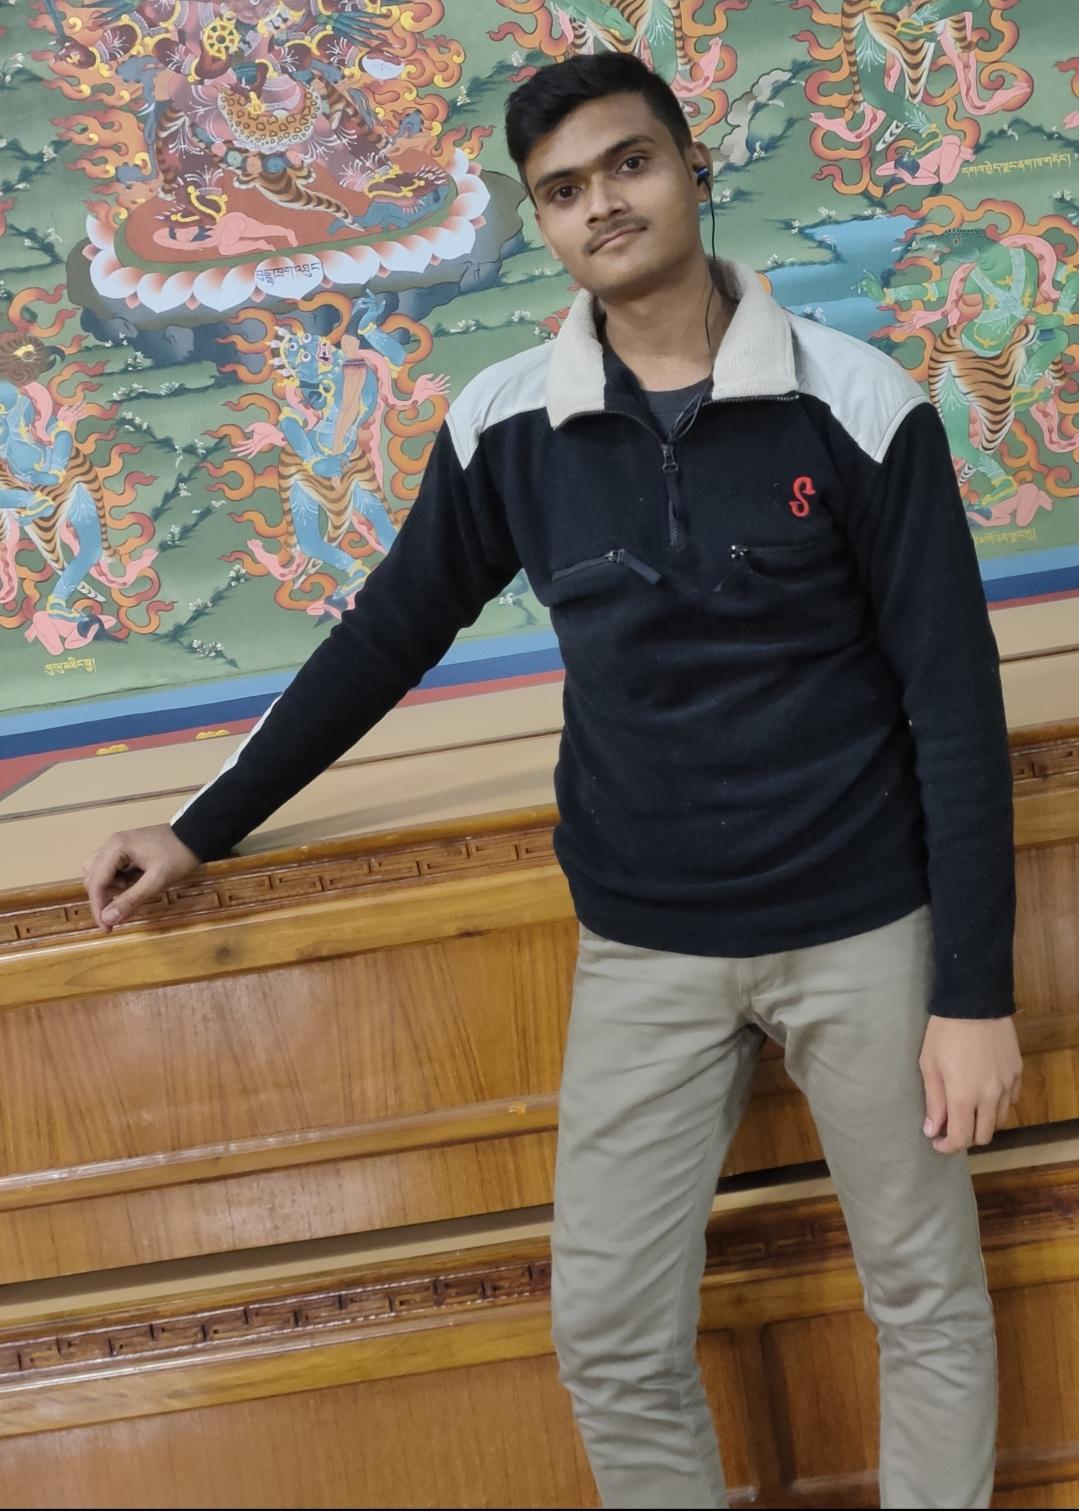 VISHAL JAISWAL